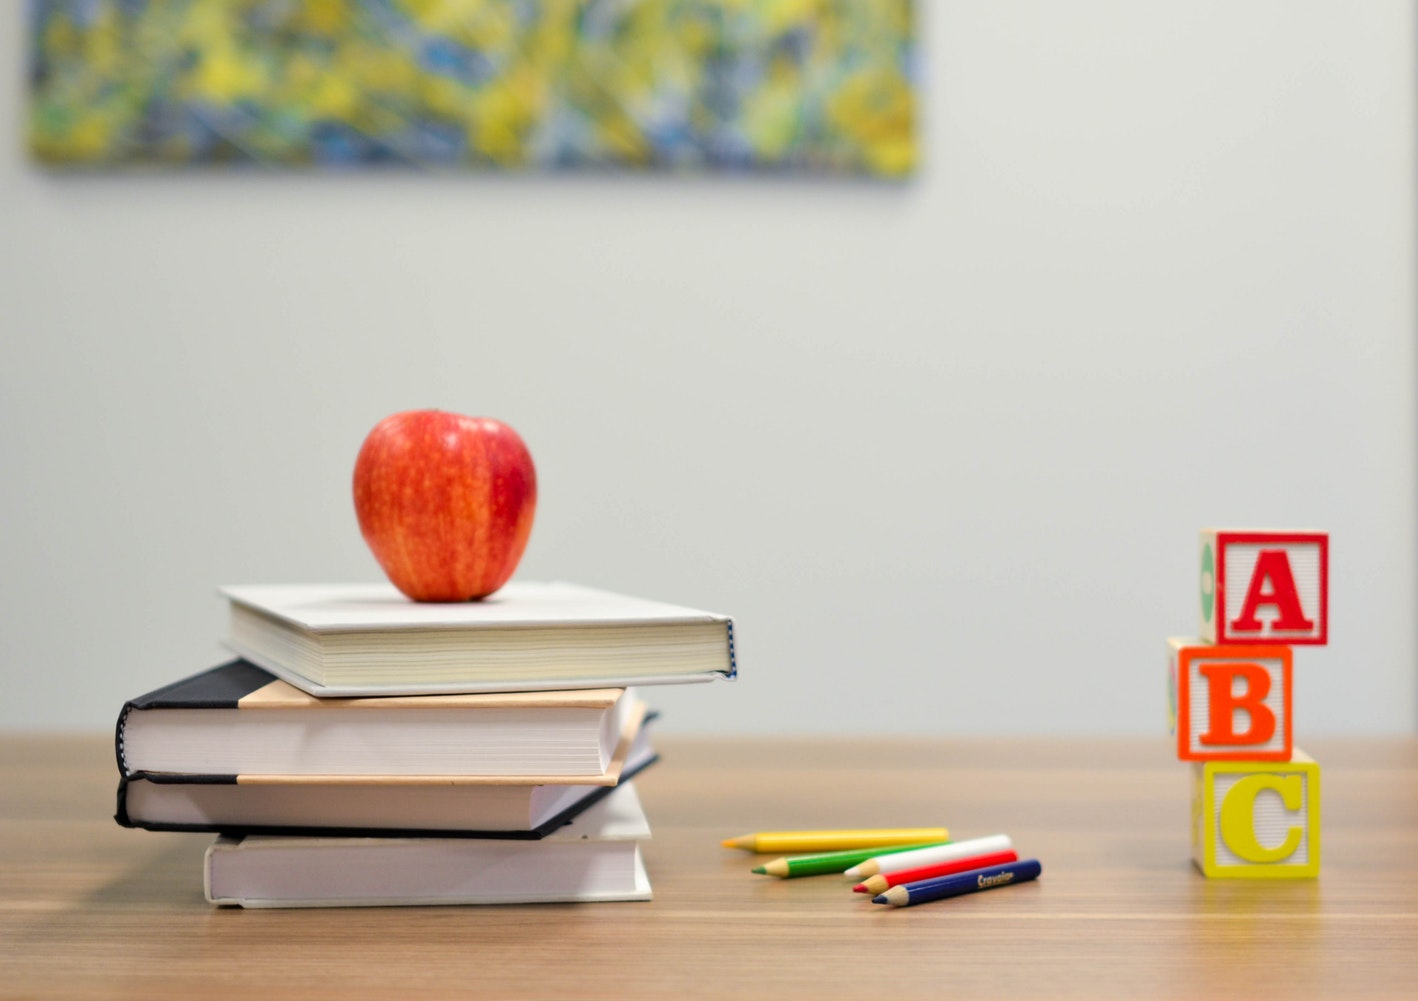 Las habilidades manuales y la creatividad puede ayudarle a conseguir  un excelente resultado.  (Foto Prensa Libre: servicios)